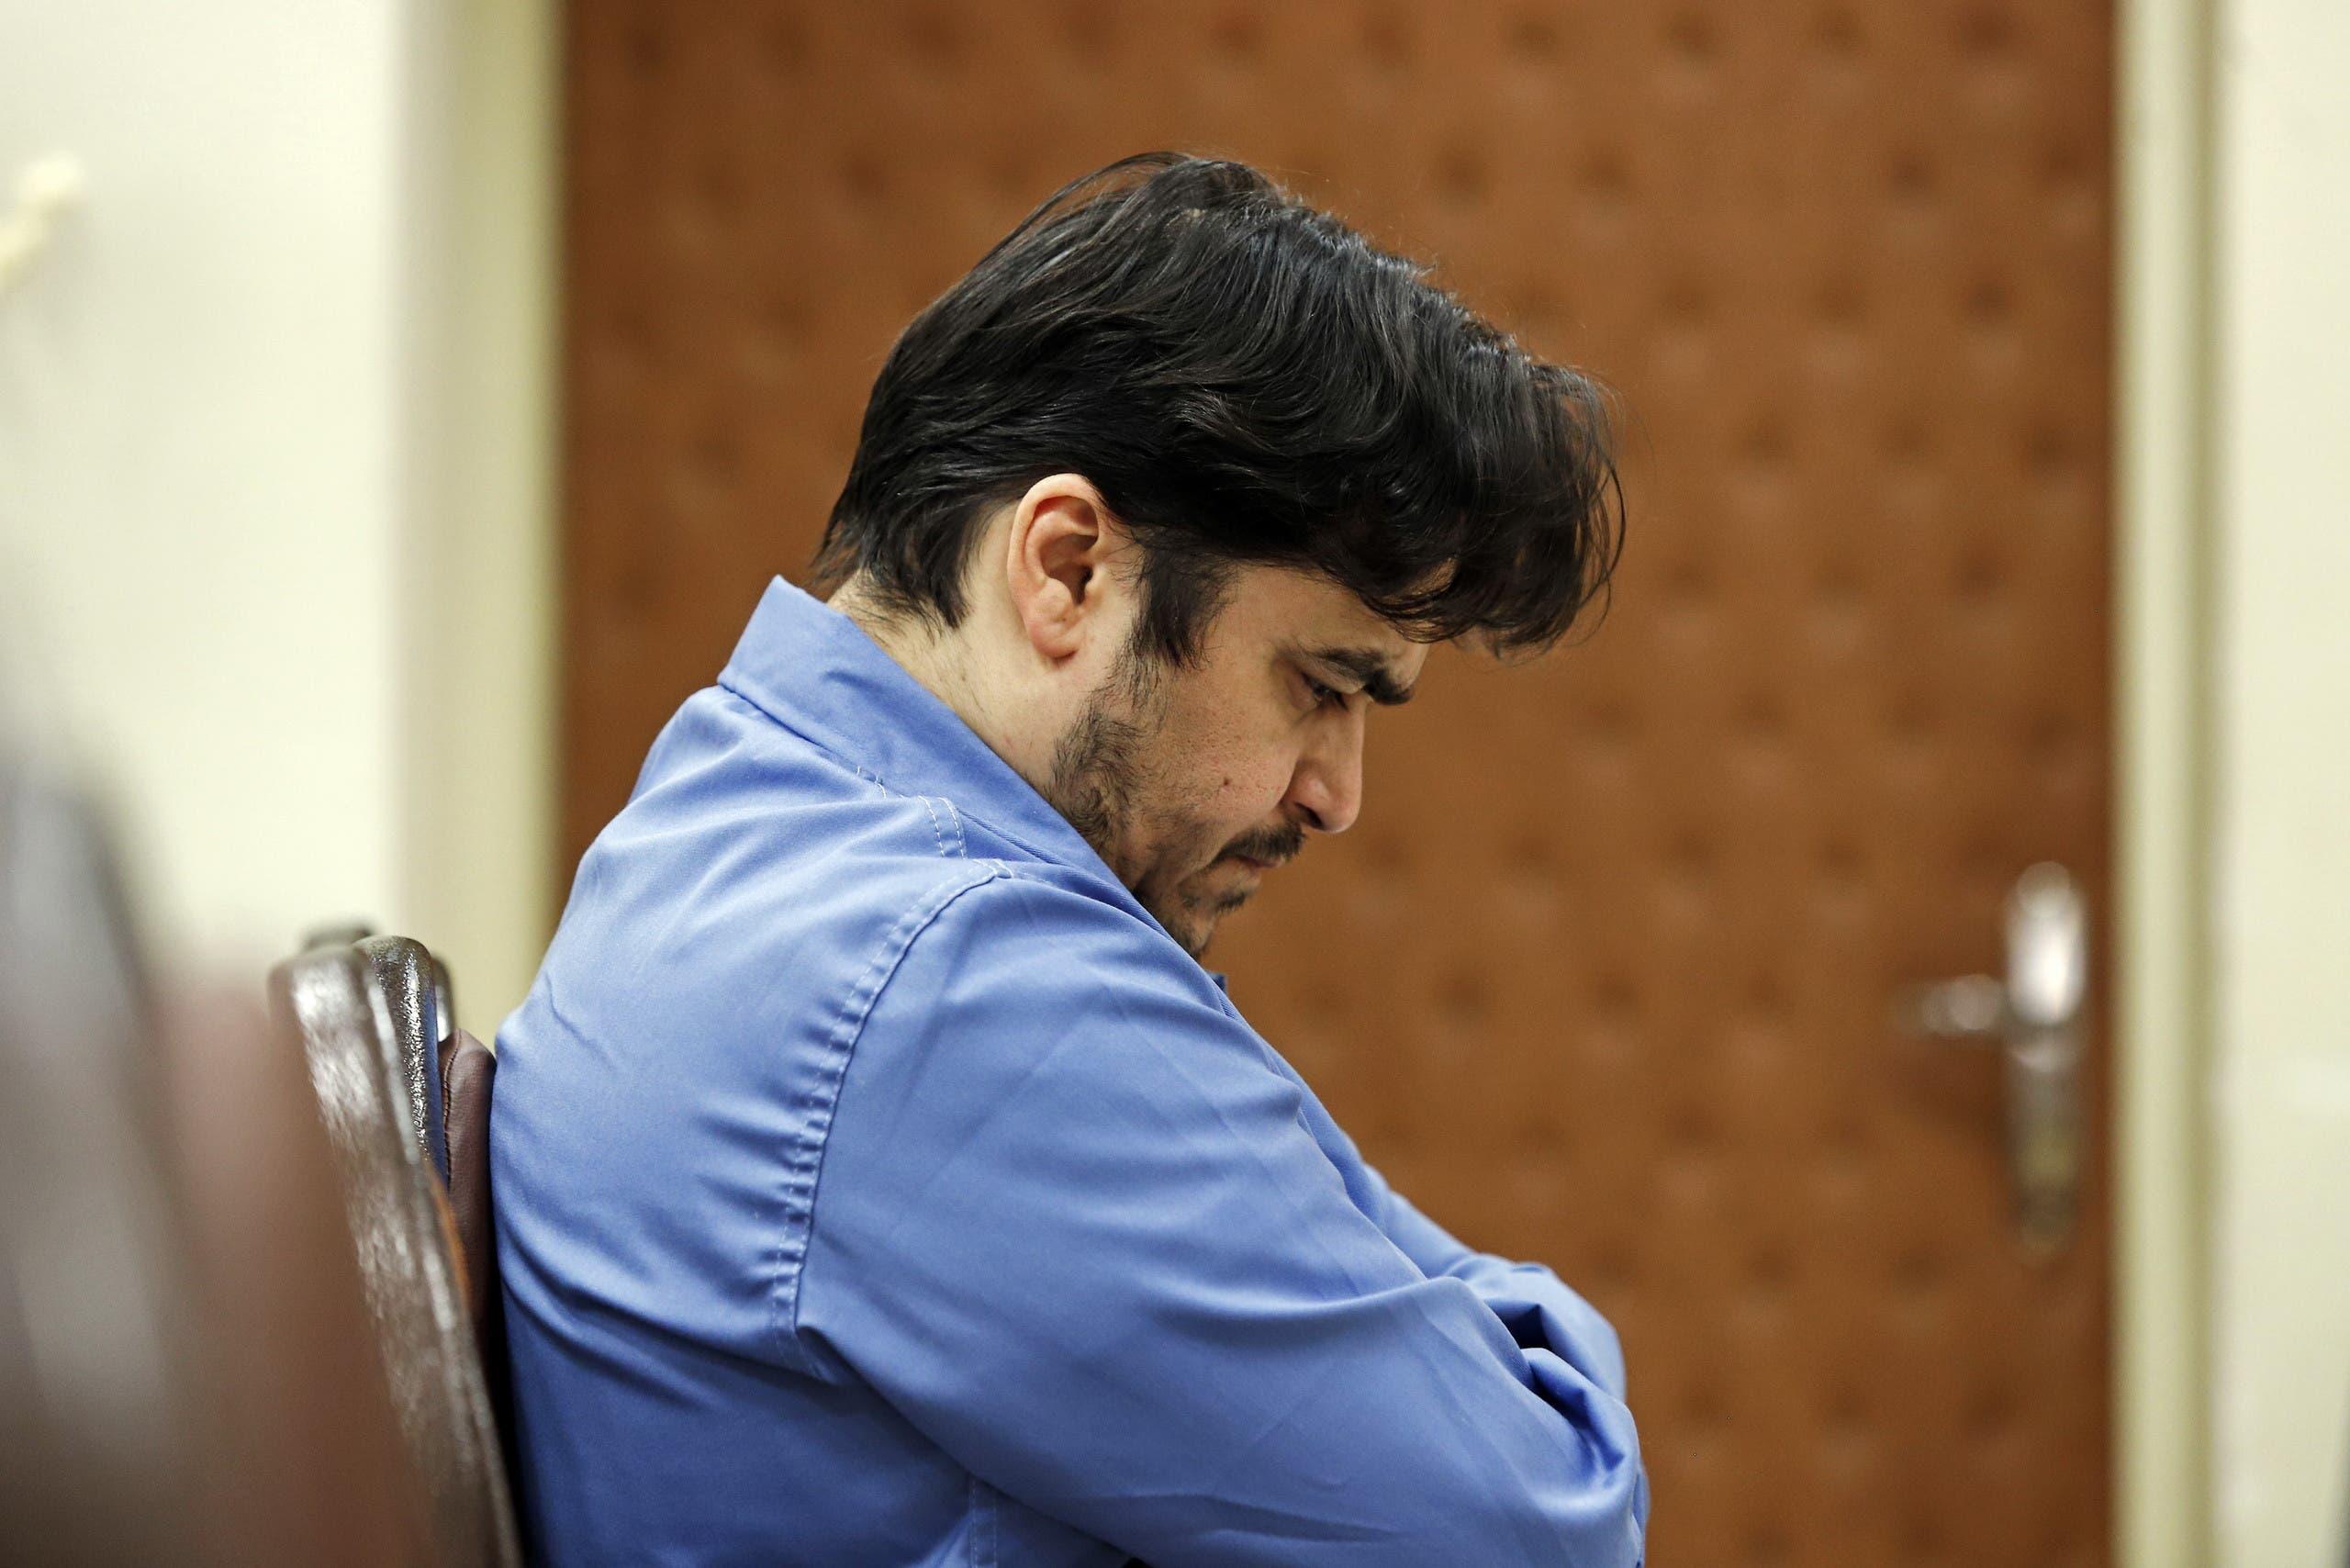 روح الله زم که توسط رژیم جمهوری اسلامی ربوده و اعدام شد